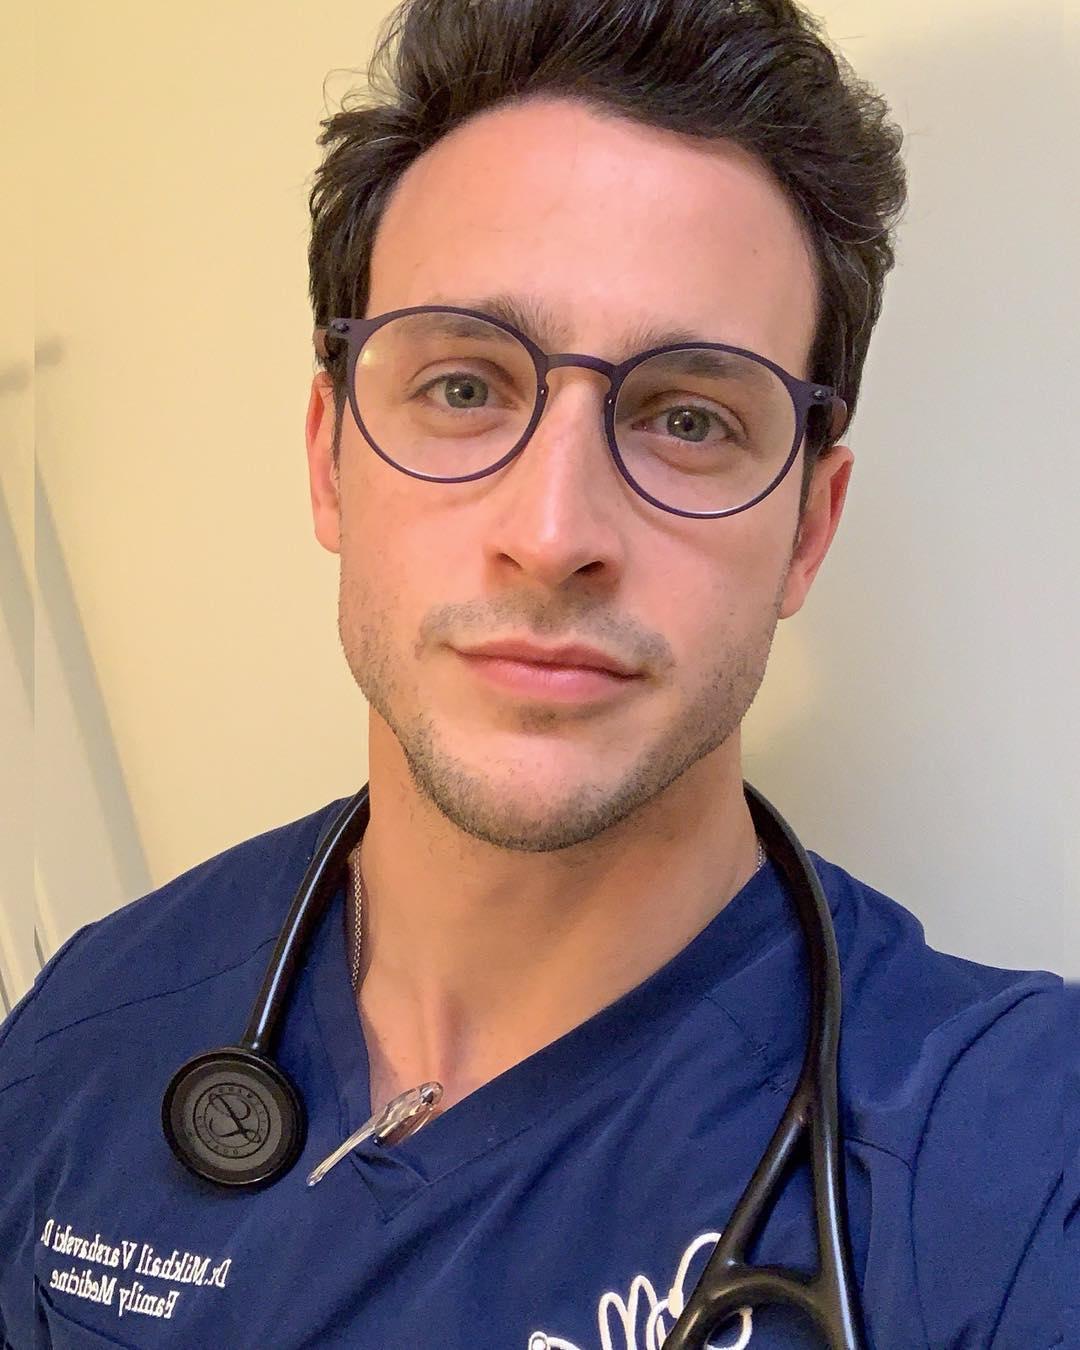 Доктор Майк, который активно занимается спортом, потому что надо следить не только за здоровьем своих пациентов, но и за своим